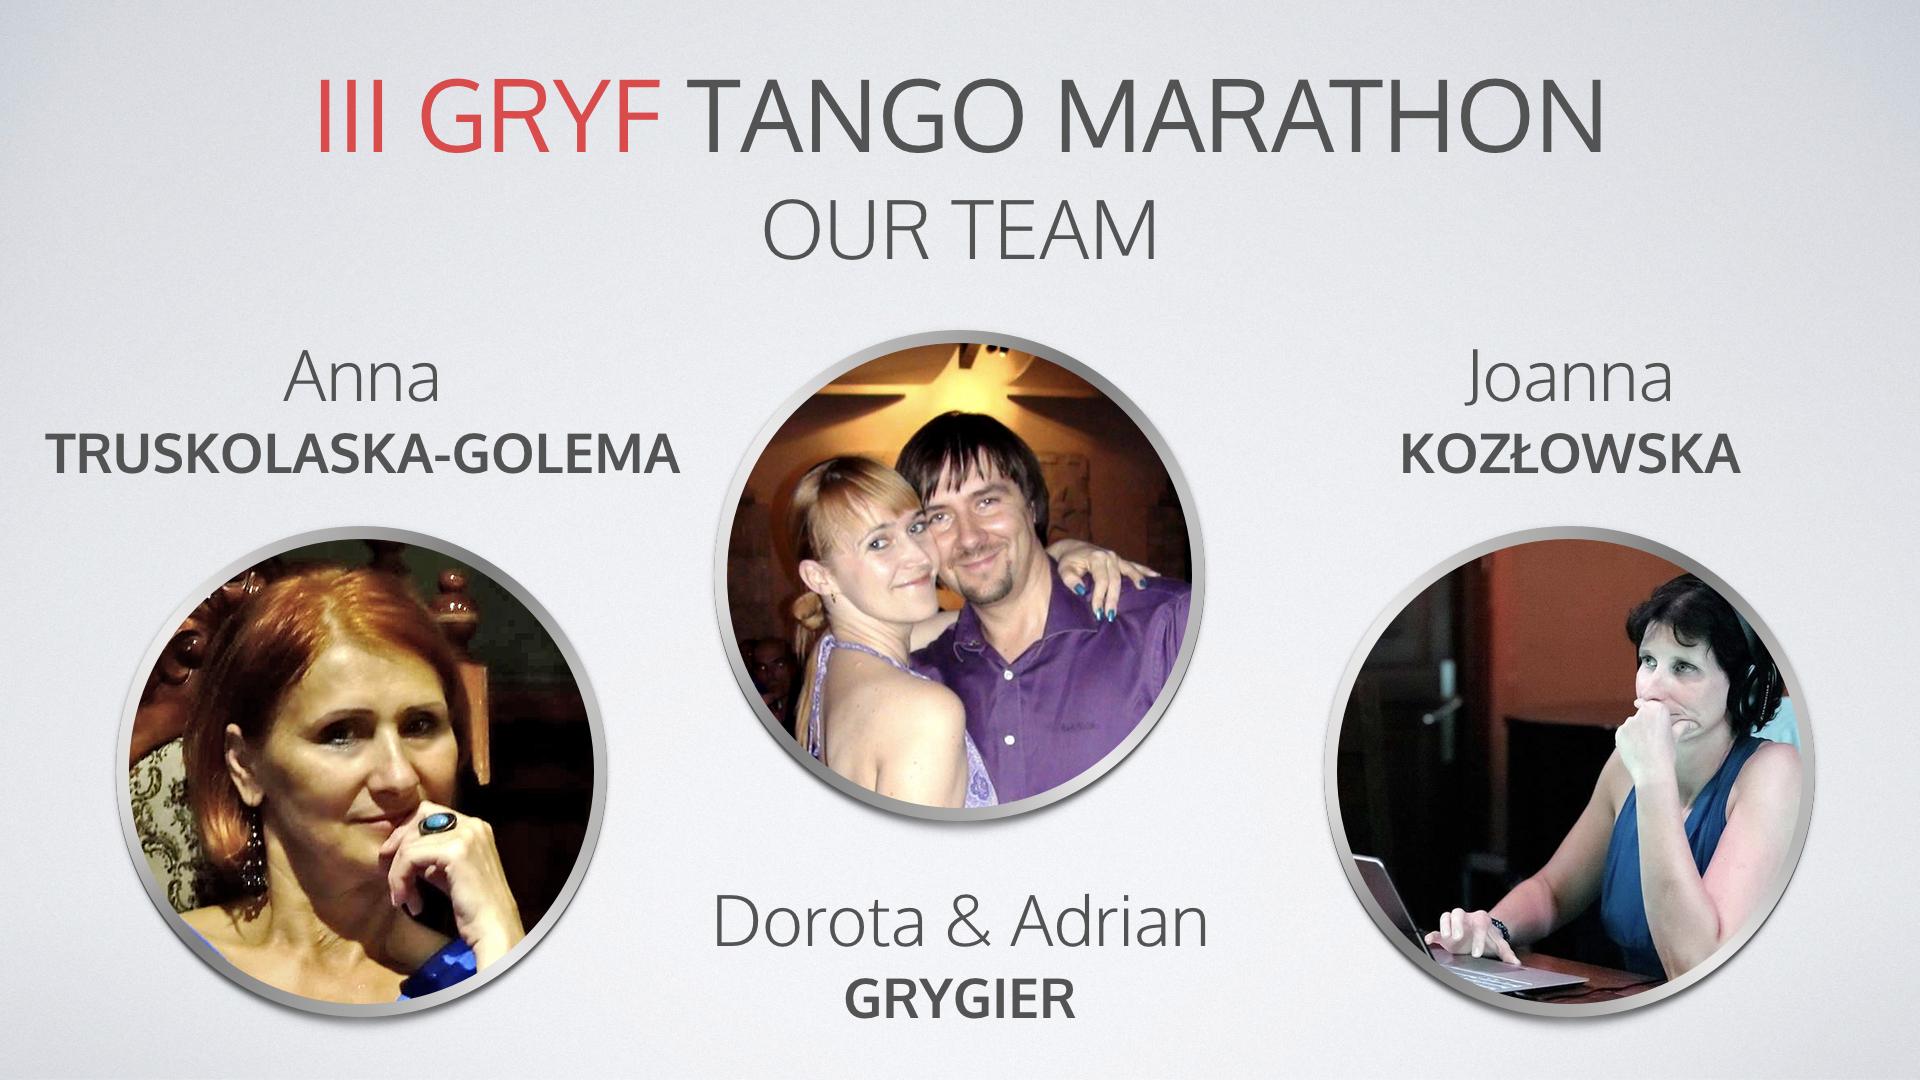 III Gryf Tango Marathon Our Team